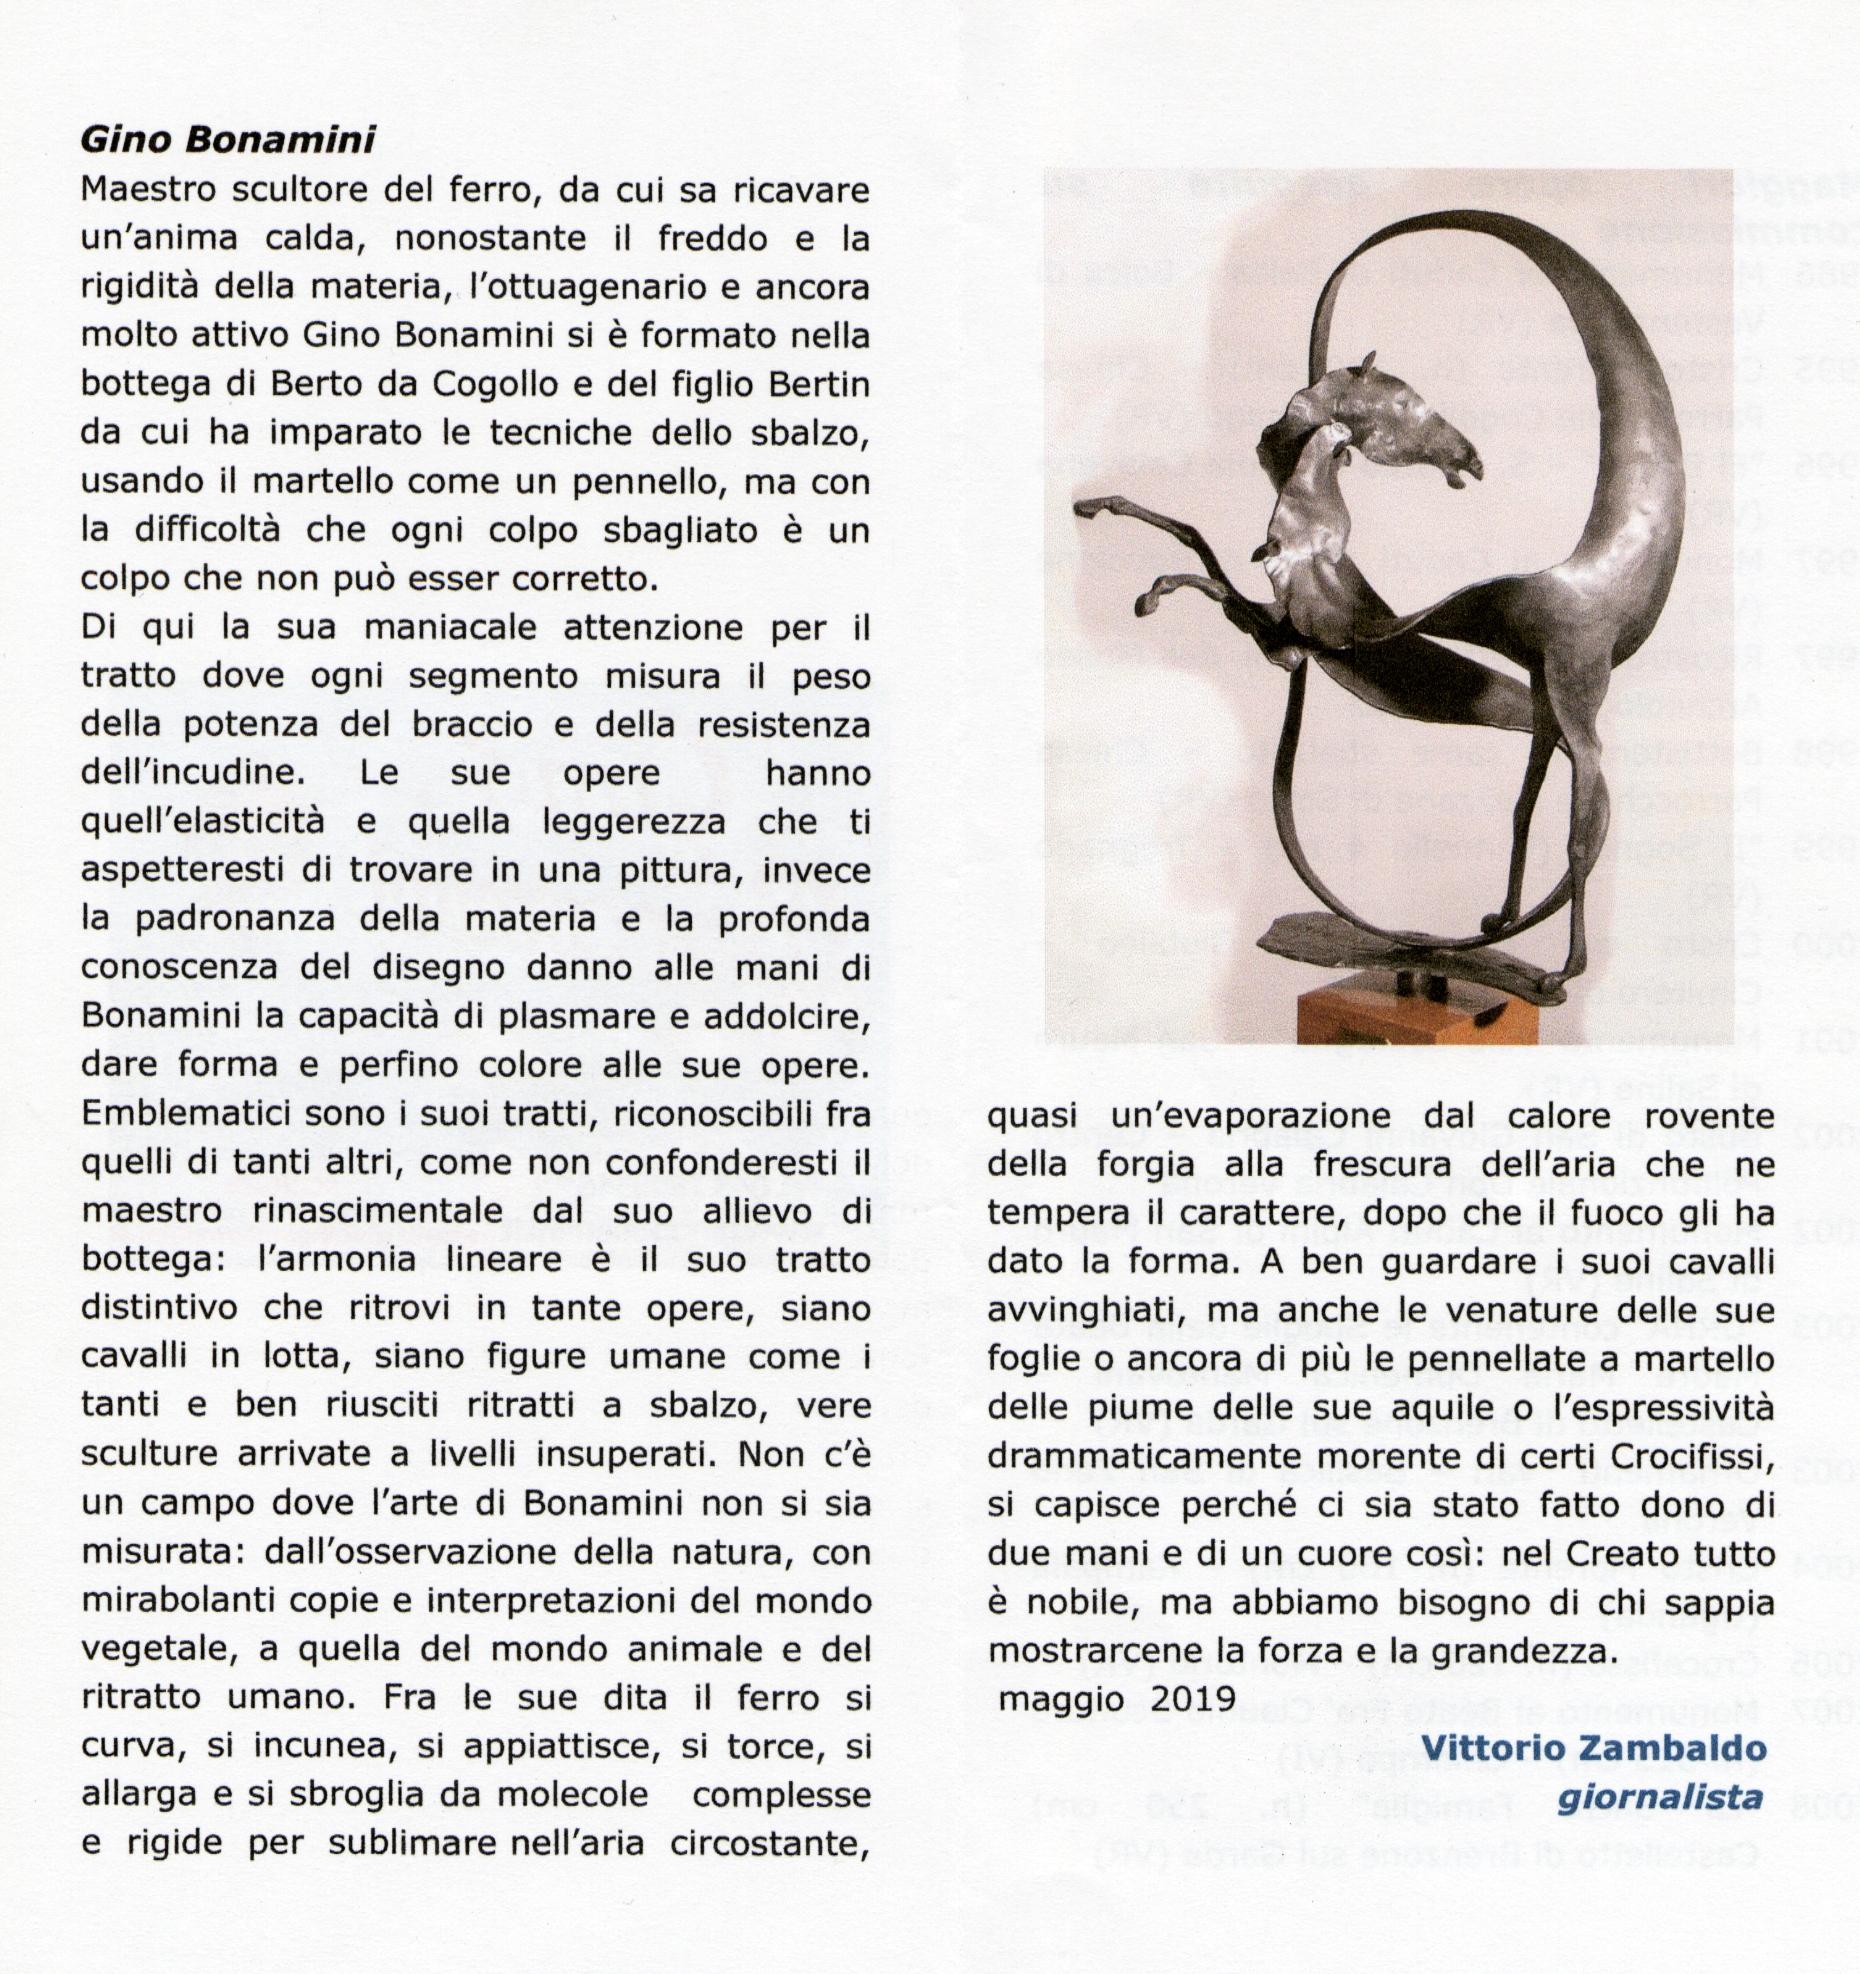 Scritto da Vittorio Zambaldo giornalista - maggio 2019